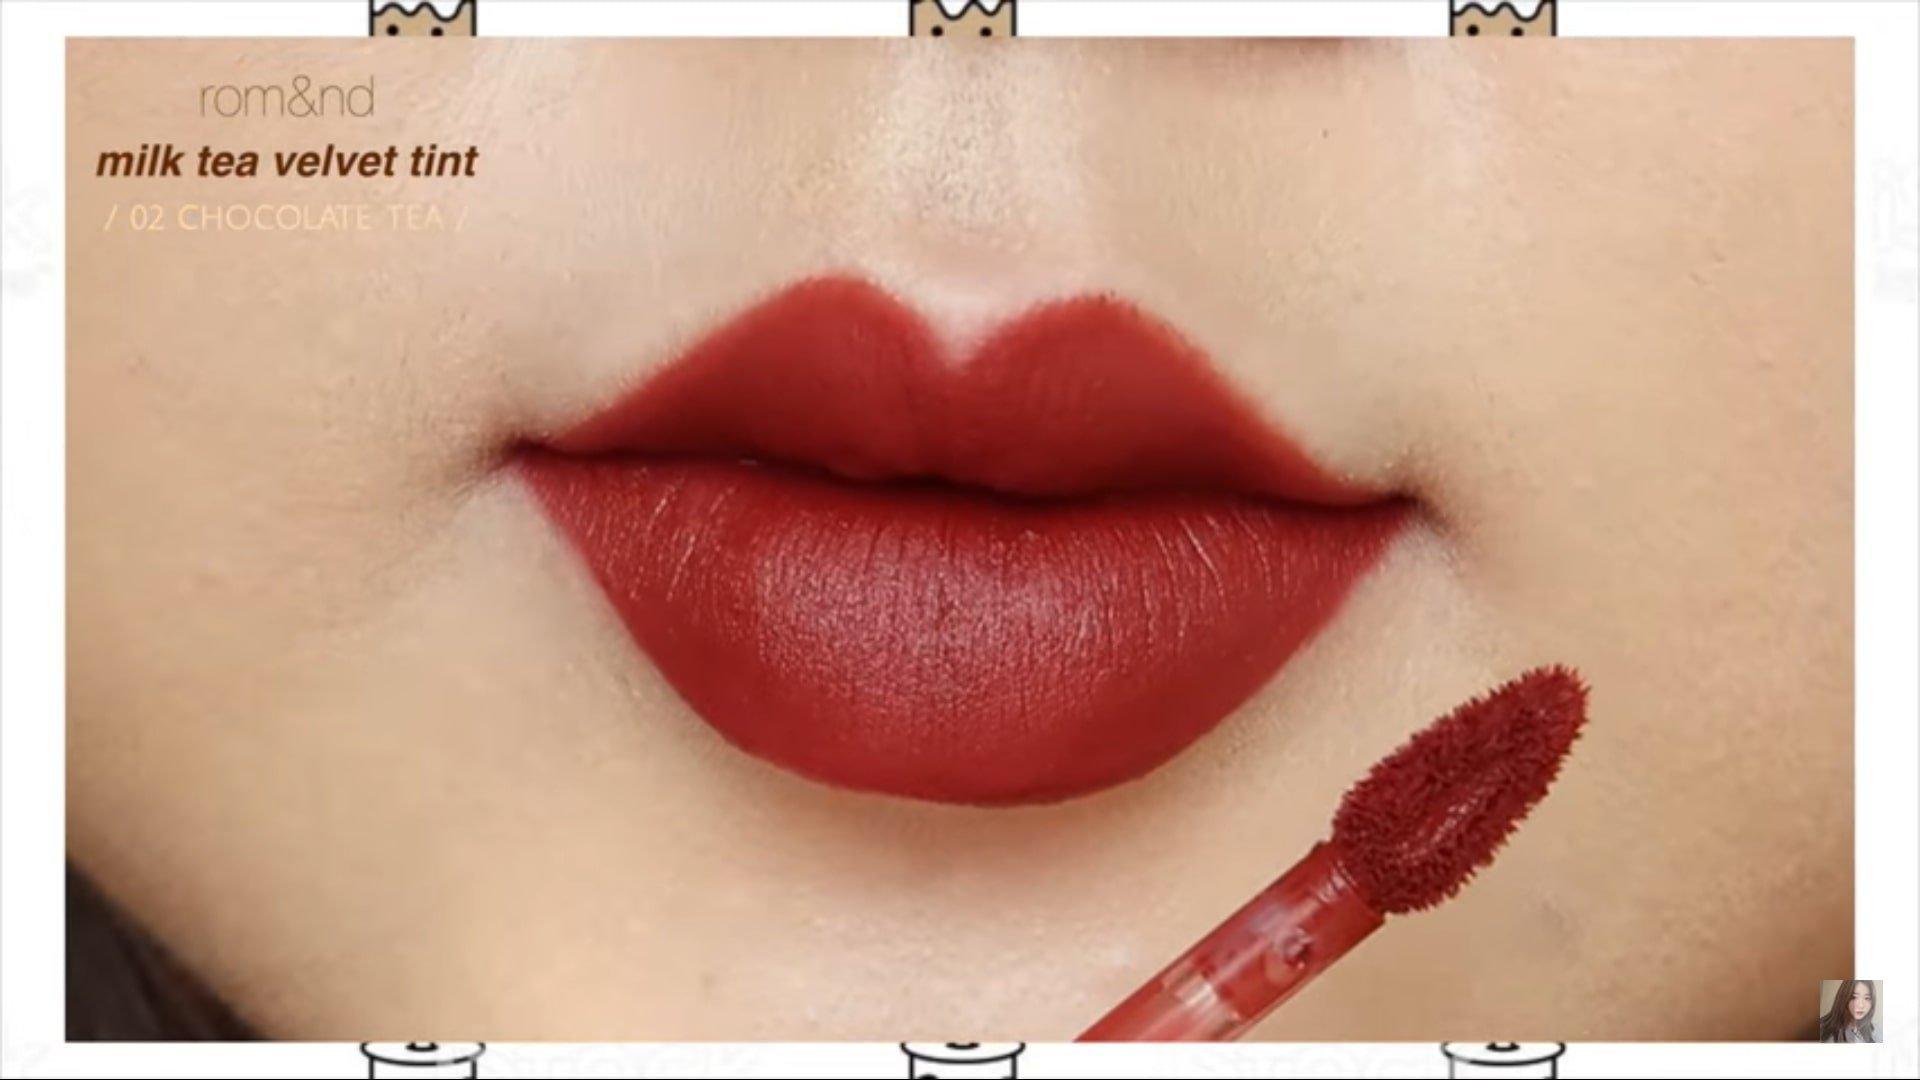 Chocolate Tea là sắc đỏ socola trầm đậm hút mắt, làm bật lên cá tính cho nàng. (nguồn: Internet)